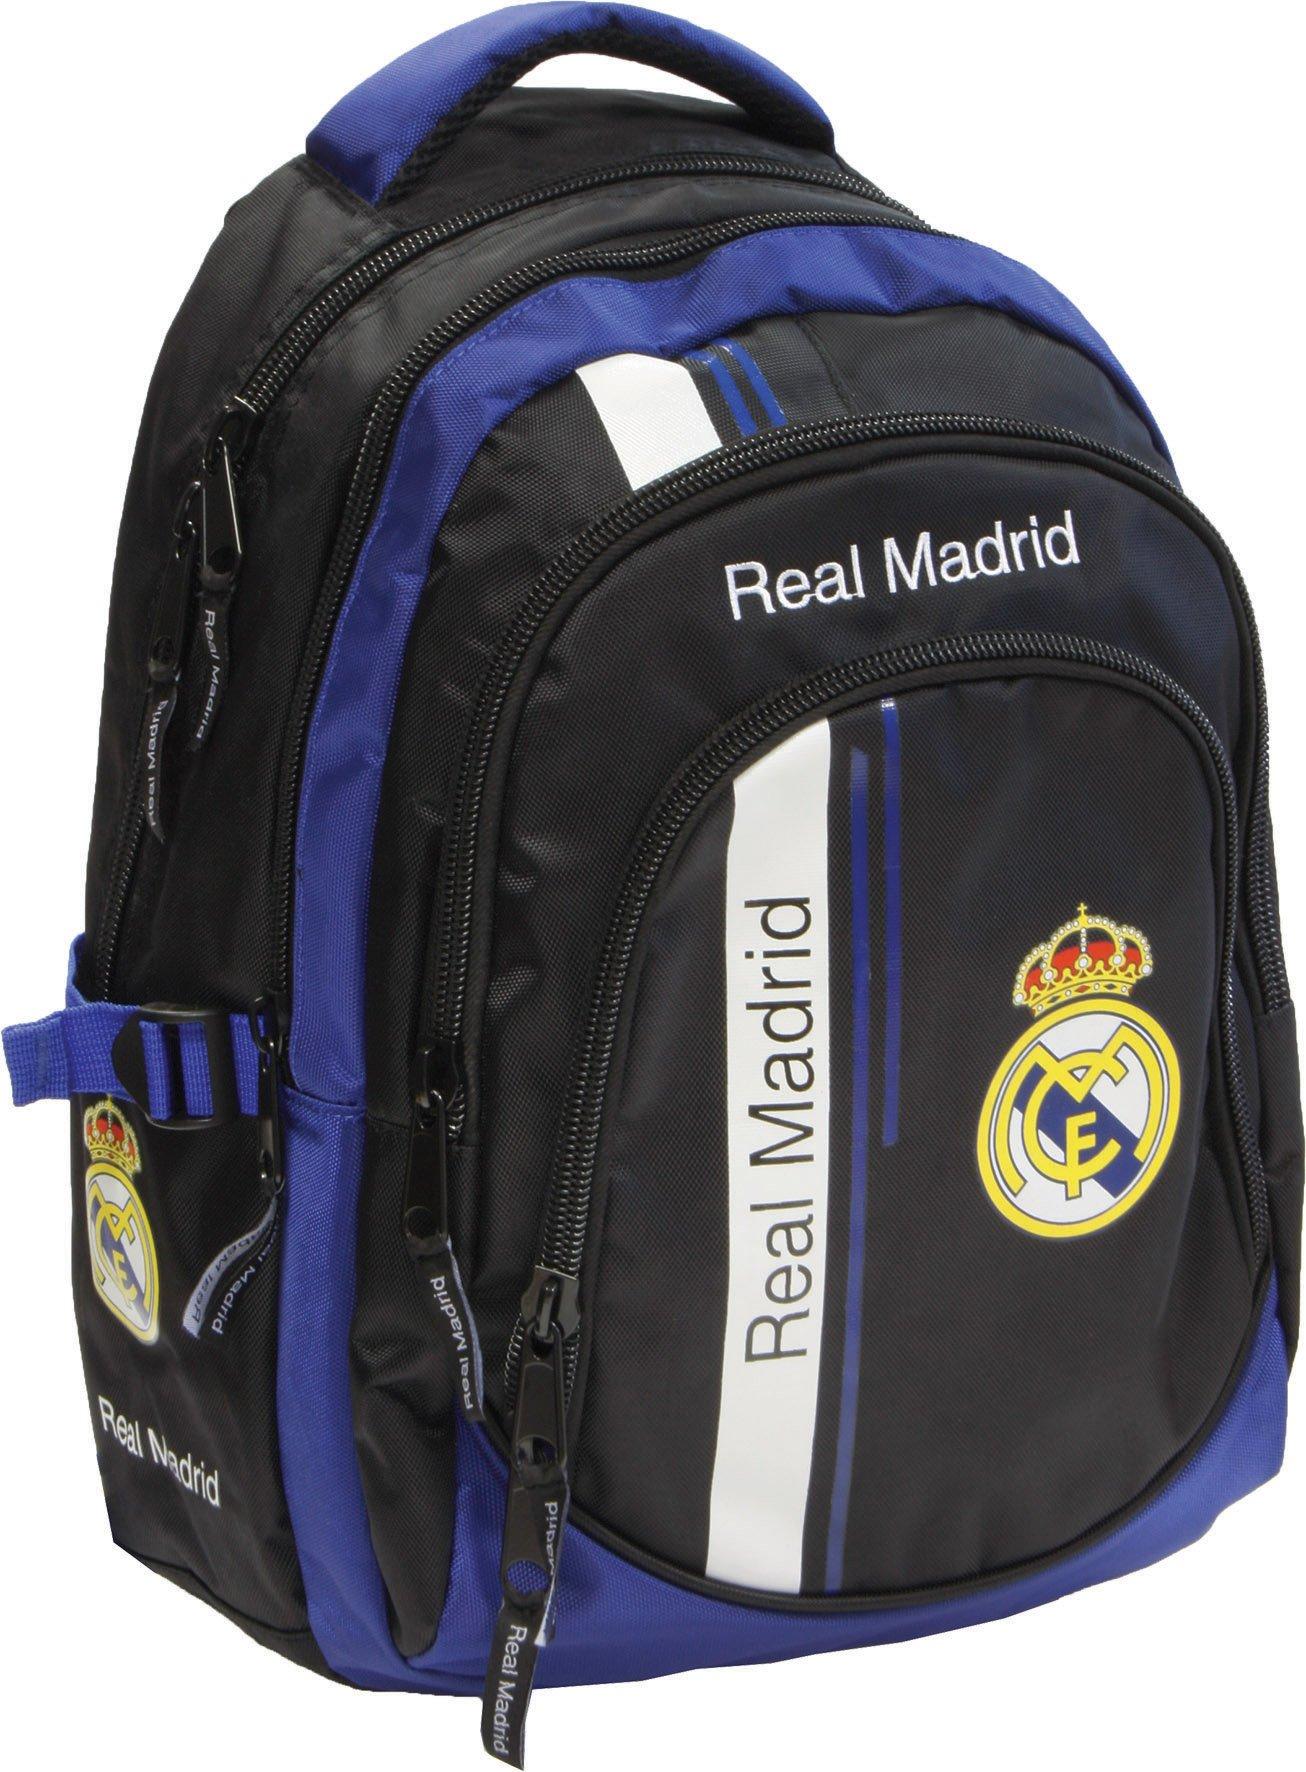 Plecak szkolny 4 komorowy Real Madrid